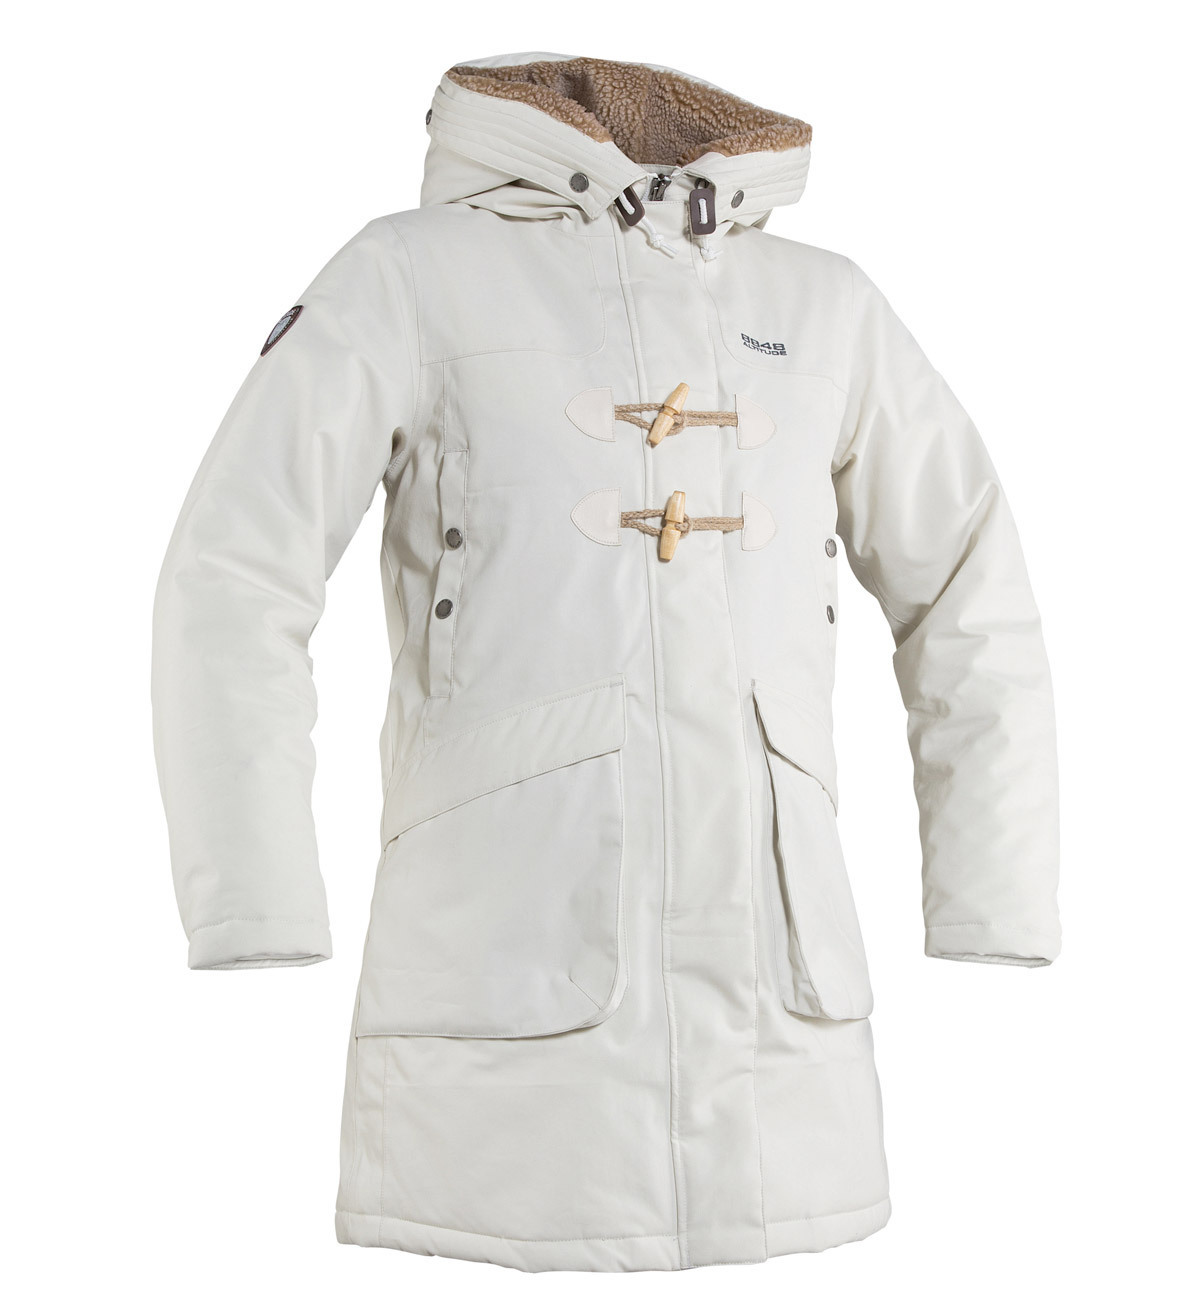 Куртка-парка 8848 Altitude Pasha белая